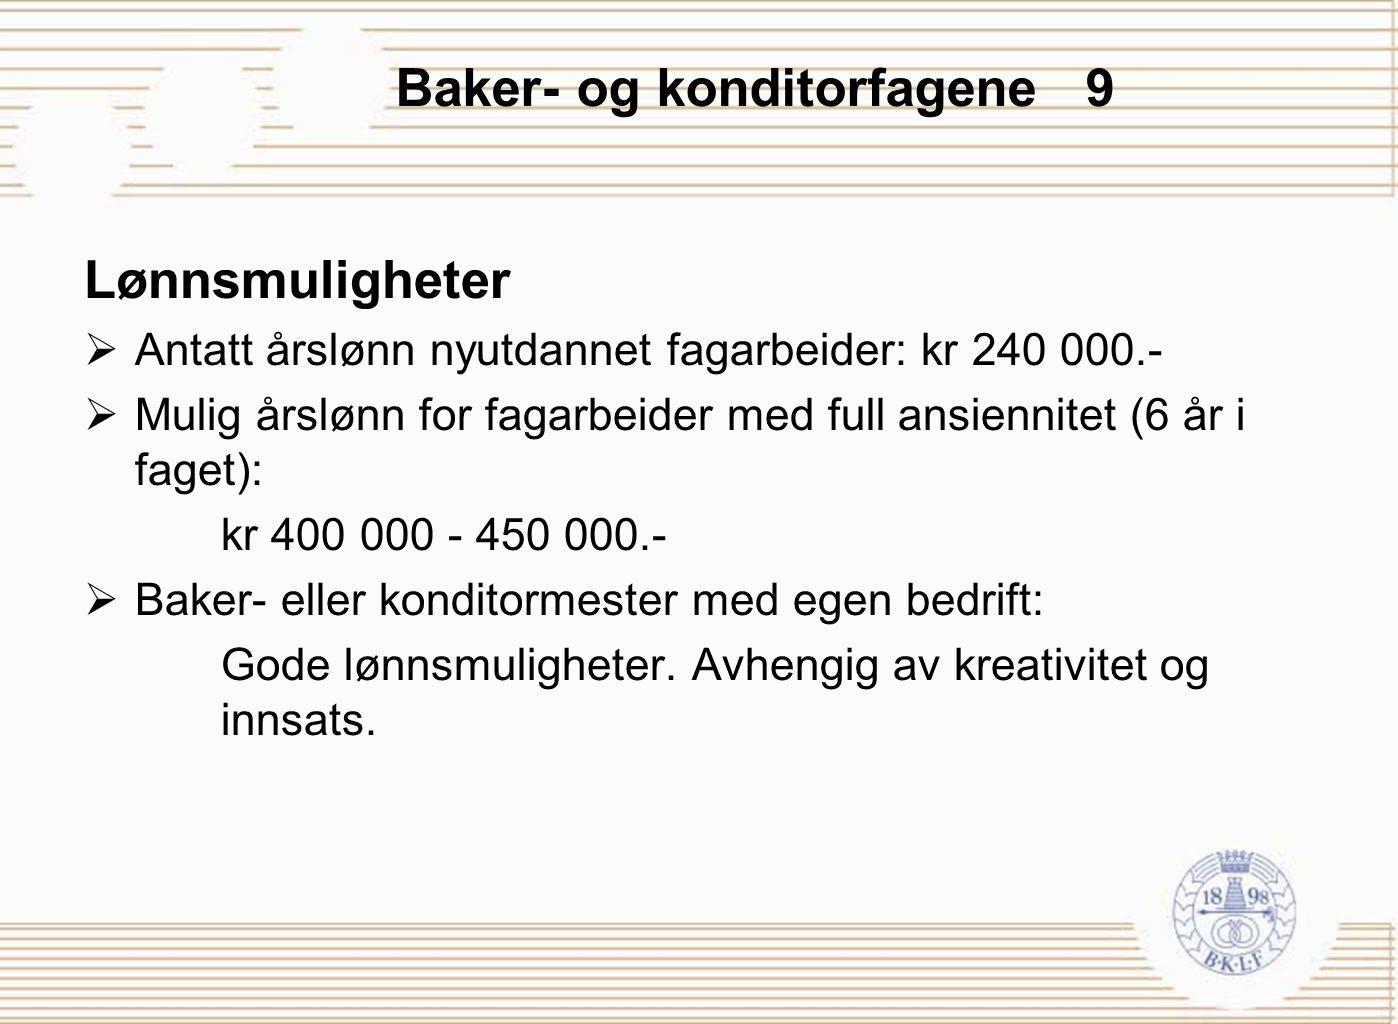 Baker- og konditorfagene 9 Lønnsmuligheter  Antatt årslønn nyutdannet fagarbeider: kr 240 000.-  Mulig årslønn for fagarbeider med full ansiennitet